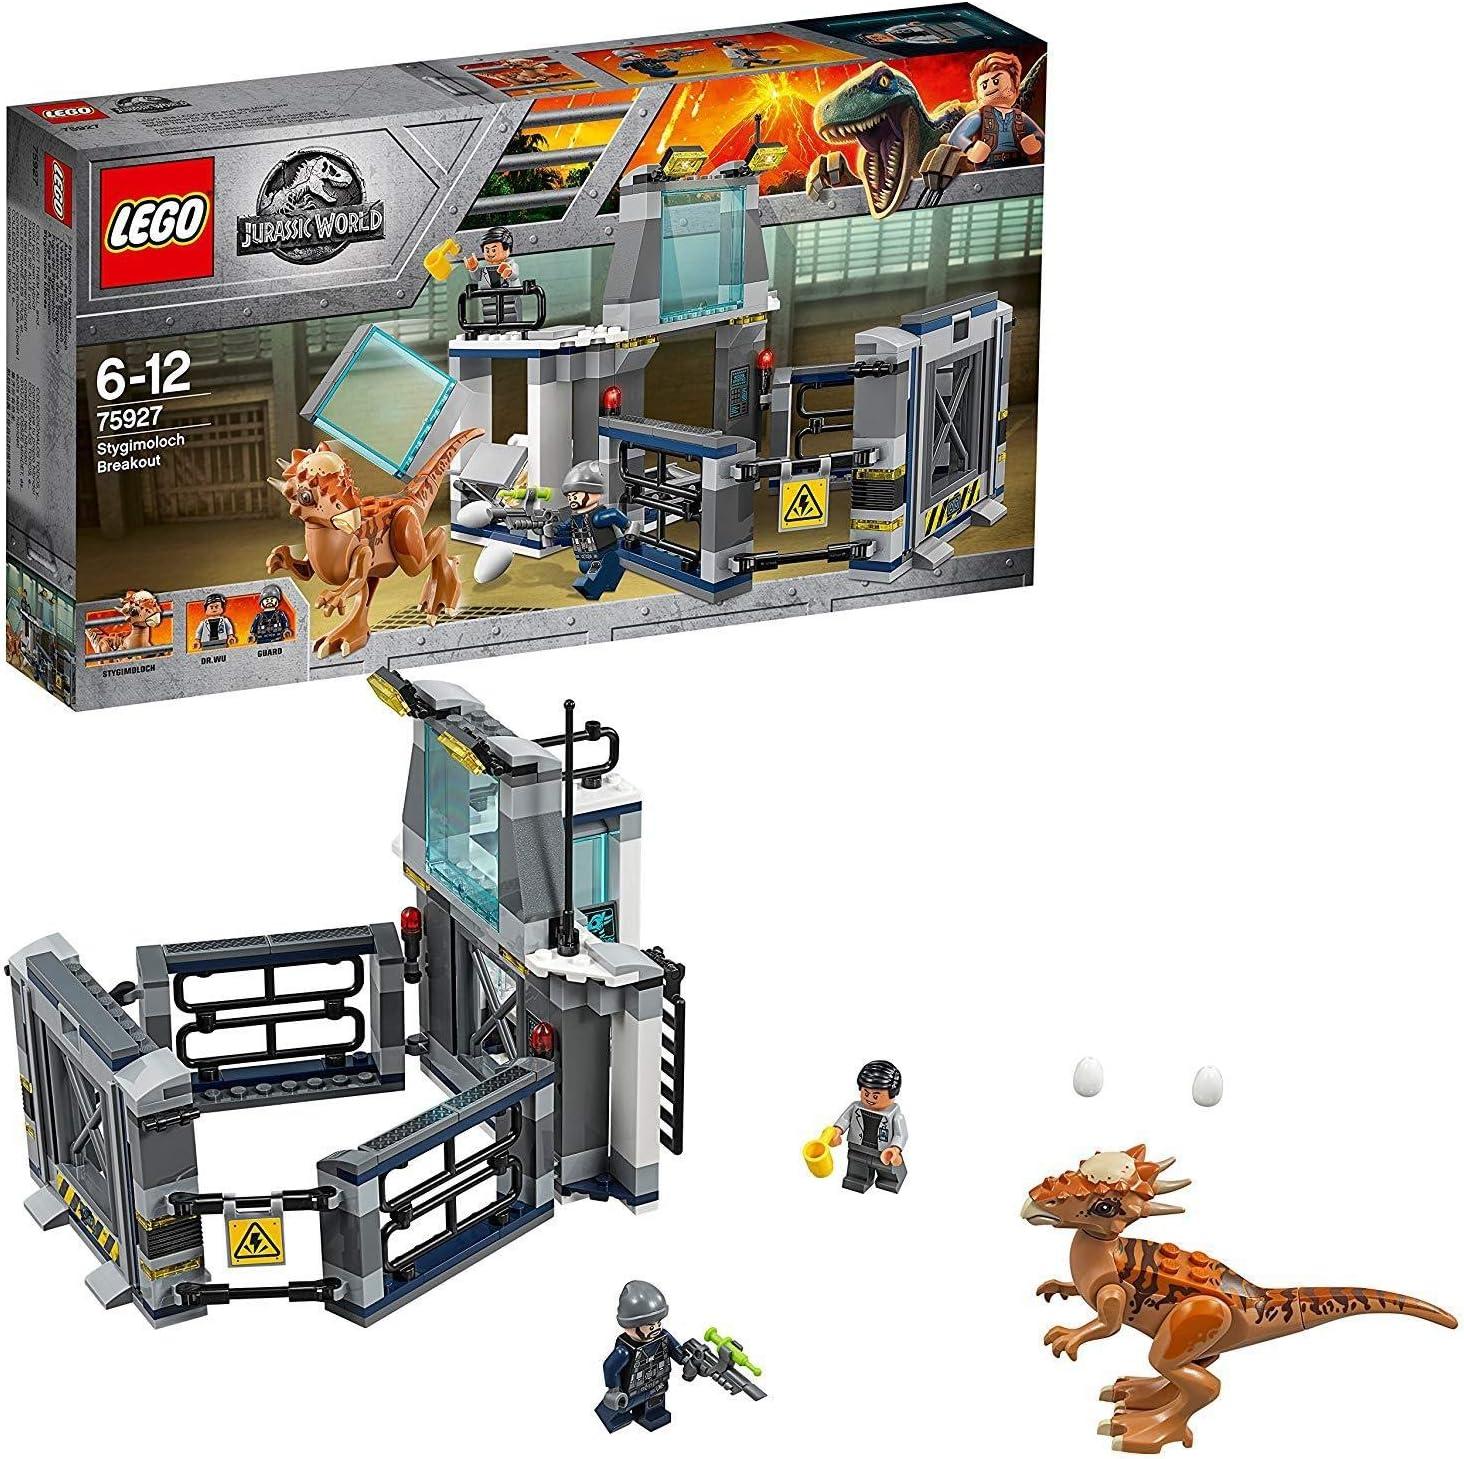 LEGO Jurassic World Escape The Stygi Moloch 75927 Entertainment Toy for Boys & Girls